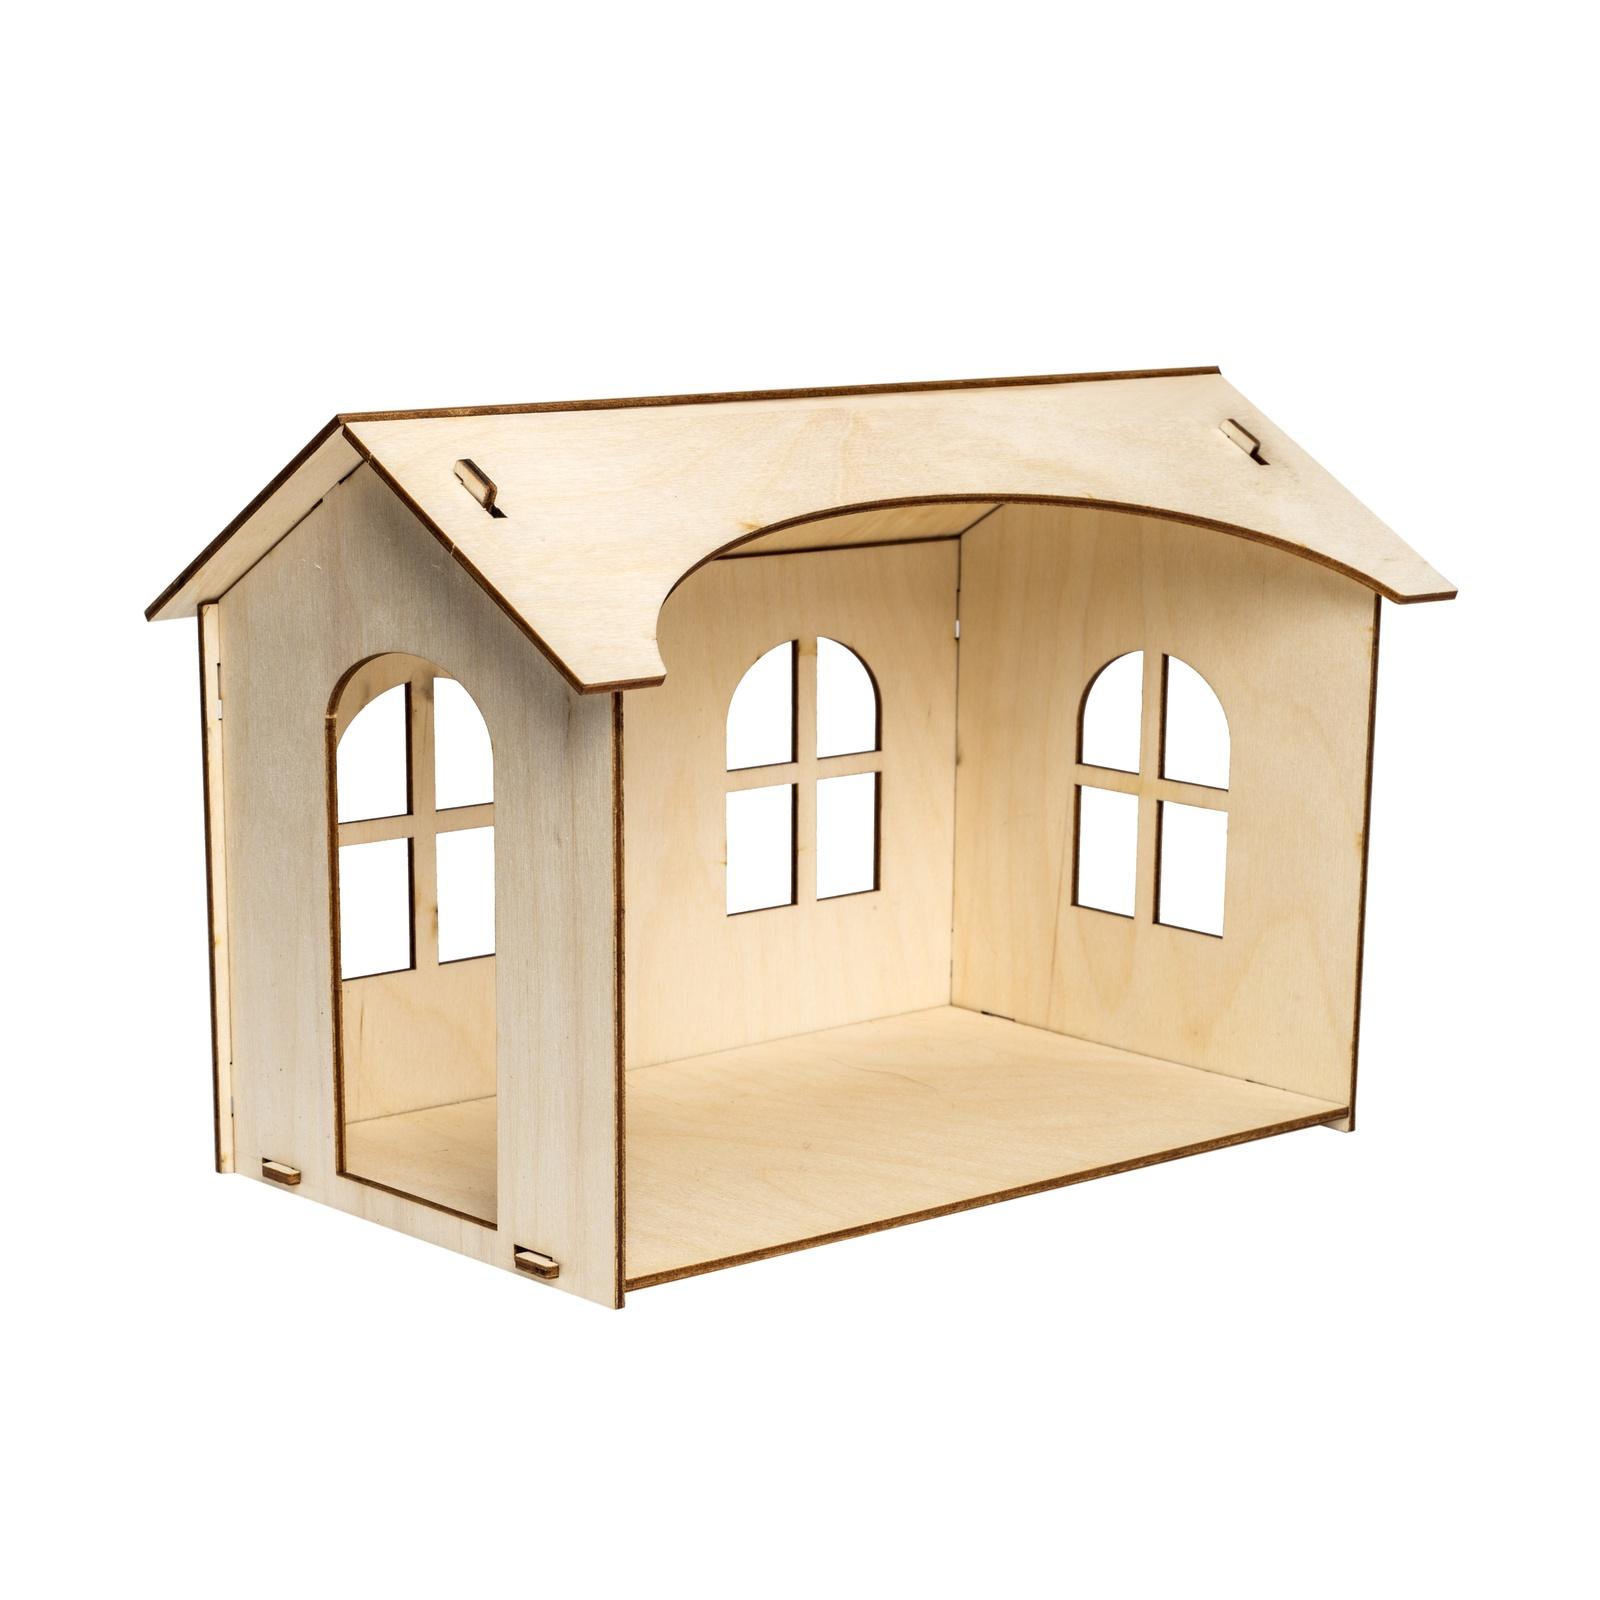 Дом для кукол Iq Format для кукол LOL набор мебели игрушечный форма спальня